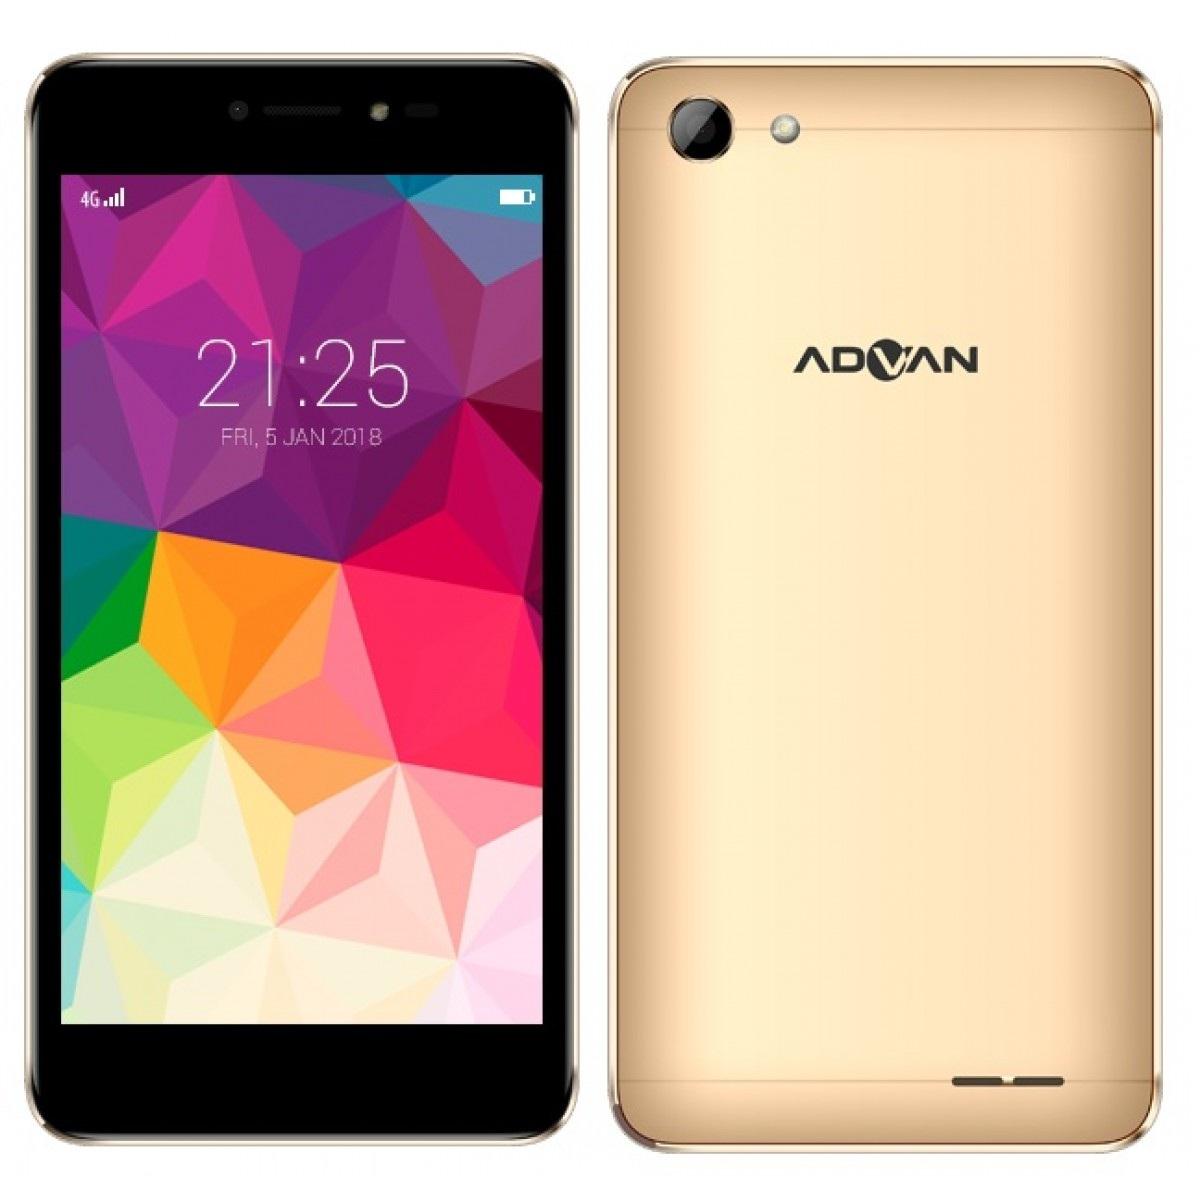 5 Smartphone Android Advan 4G Paling Baru